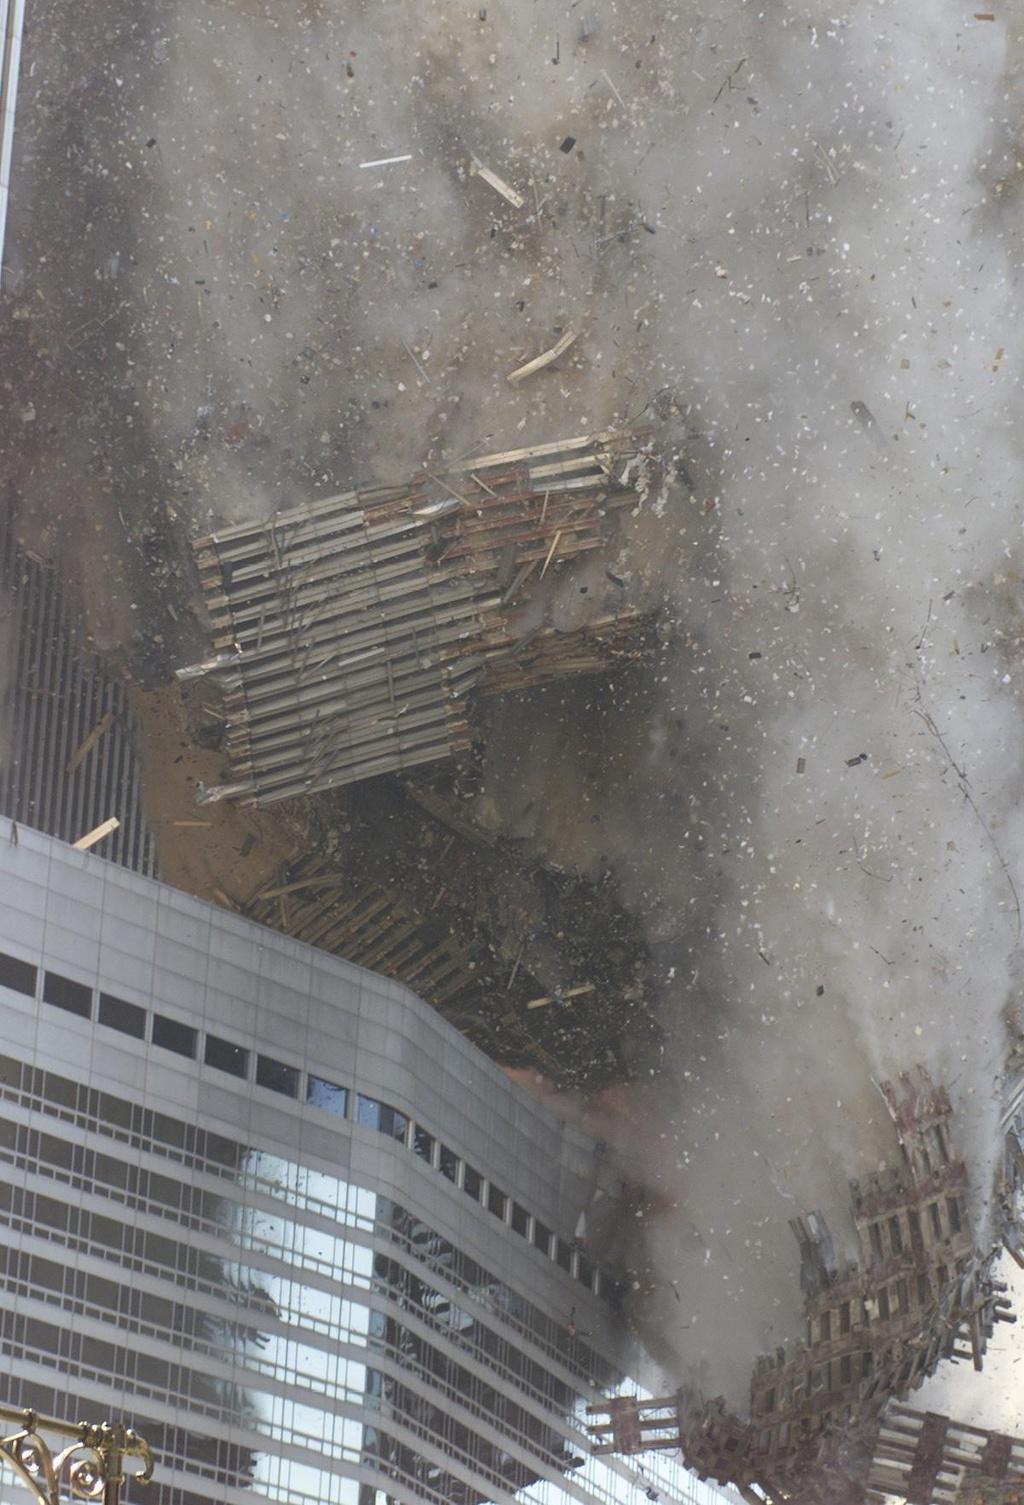 11/9 - nhung khoanh khac kho quen cua vu khung bo thay doi nuoc My hinh anh 11